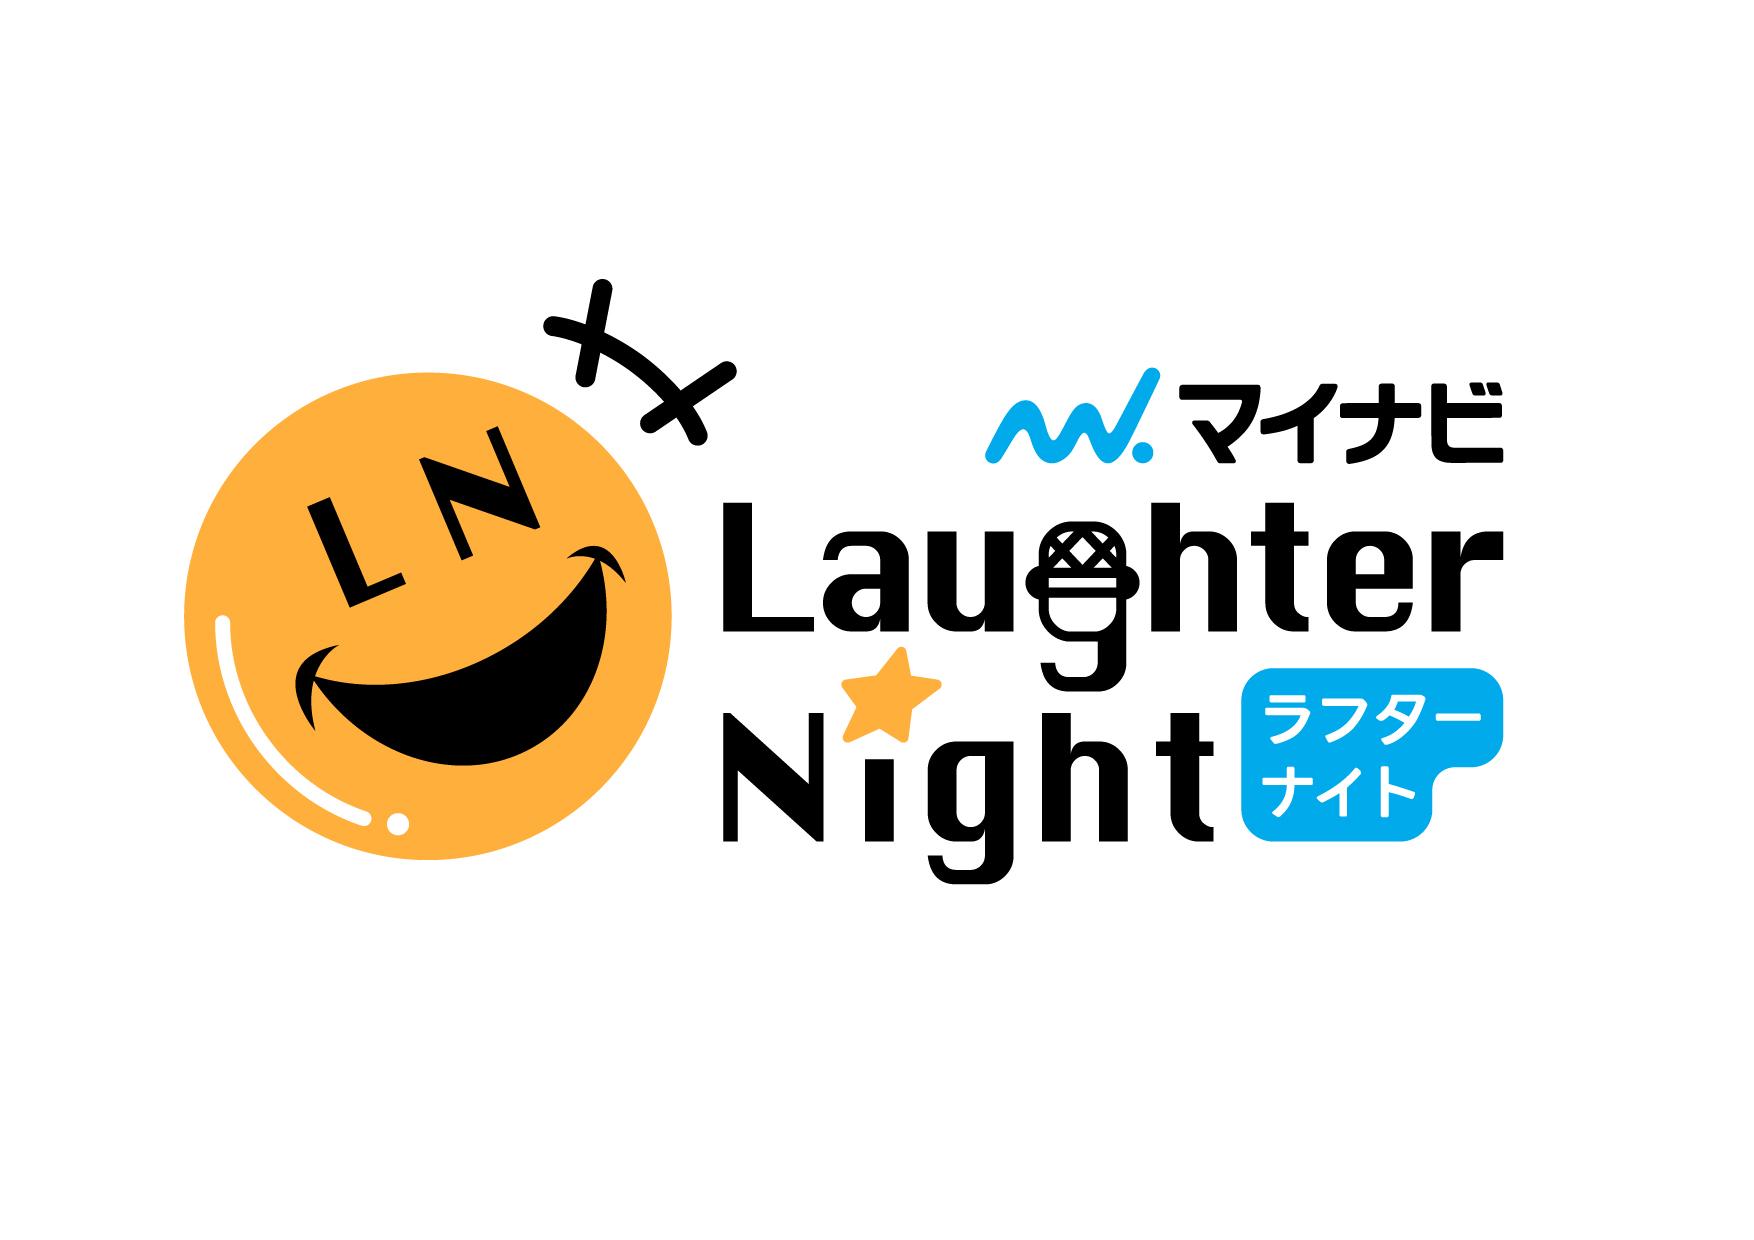 マイナビ Laughter Night オンエア争奪ライブ(オンラインライブ)<5月>